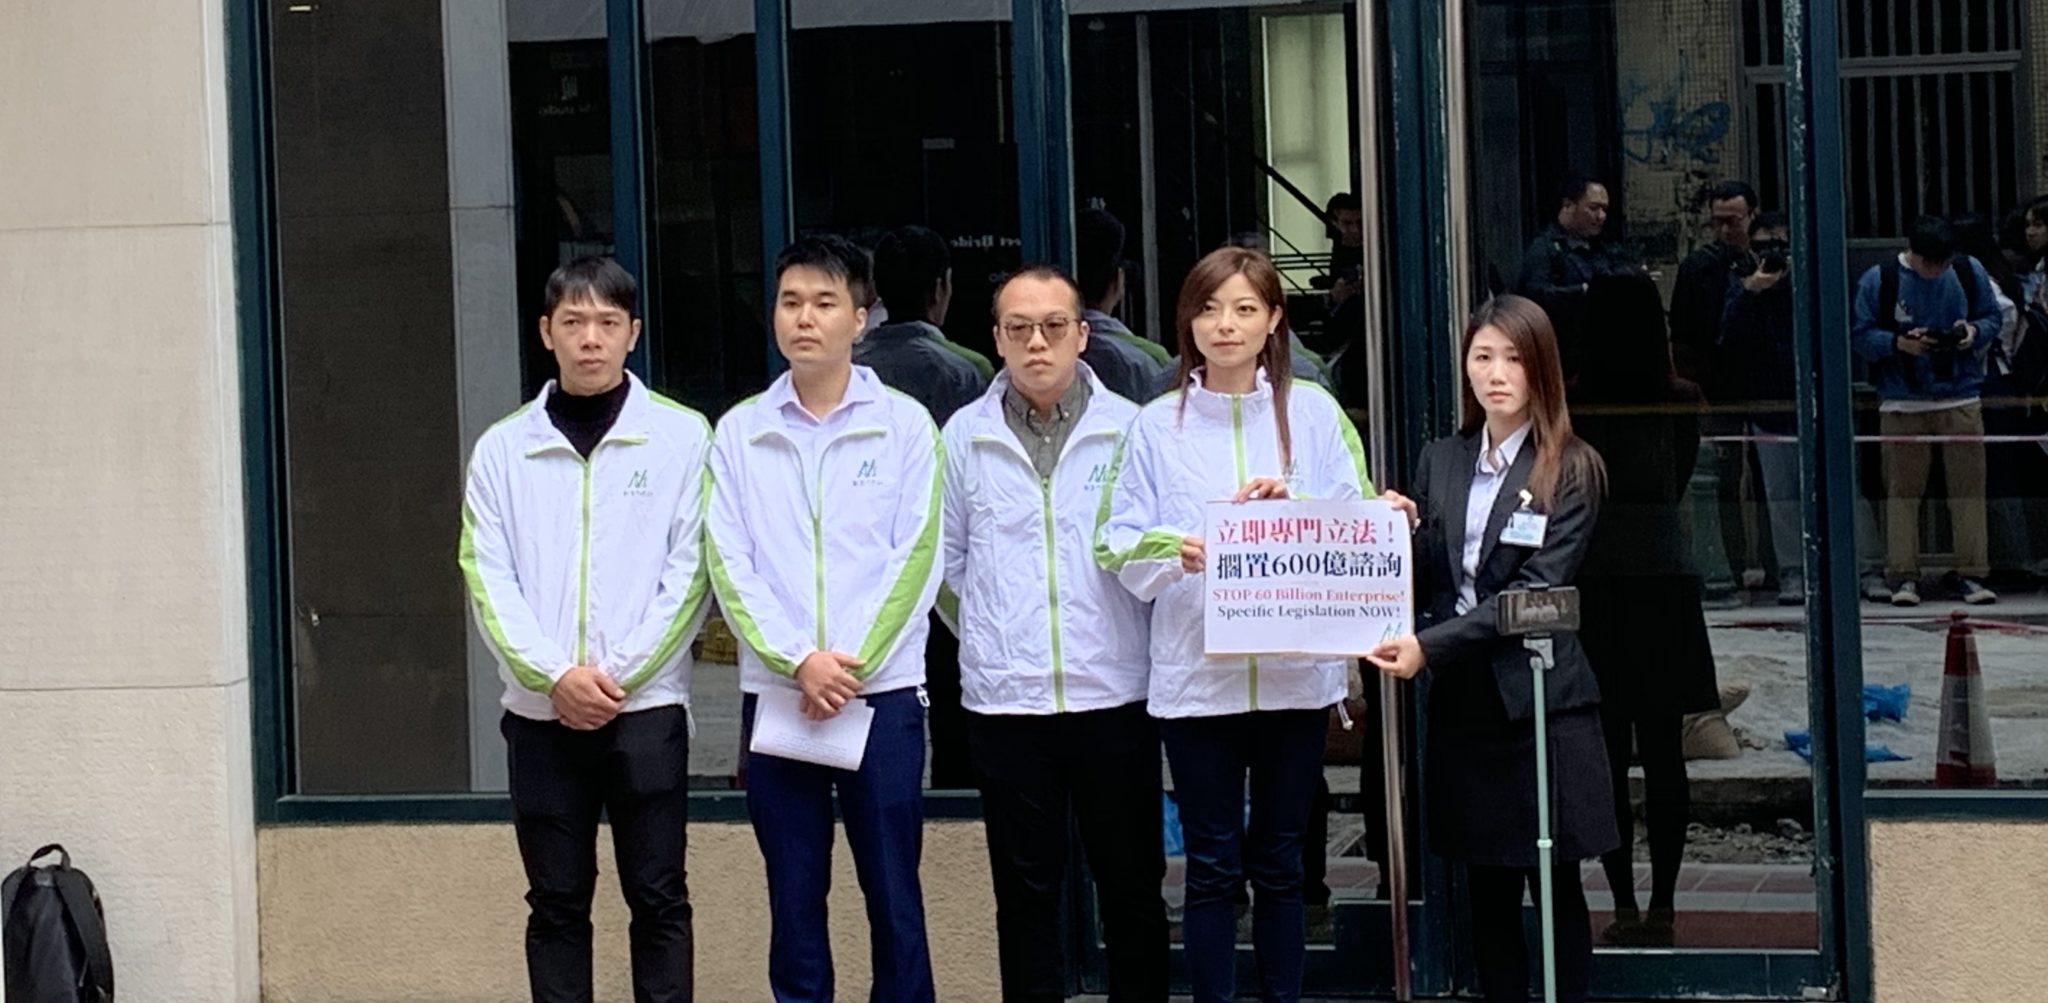 Associação Novo Macau volta a pedir lei para regular capitais públicos